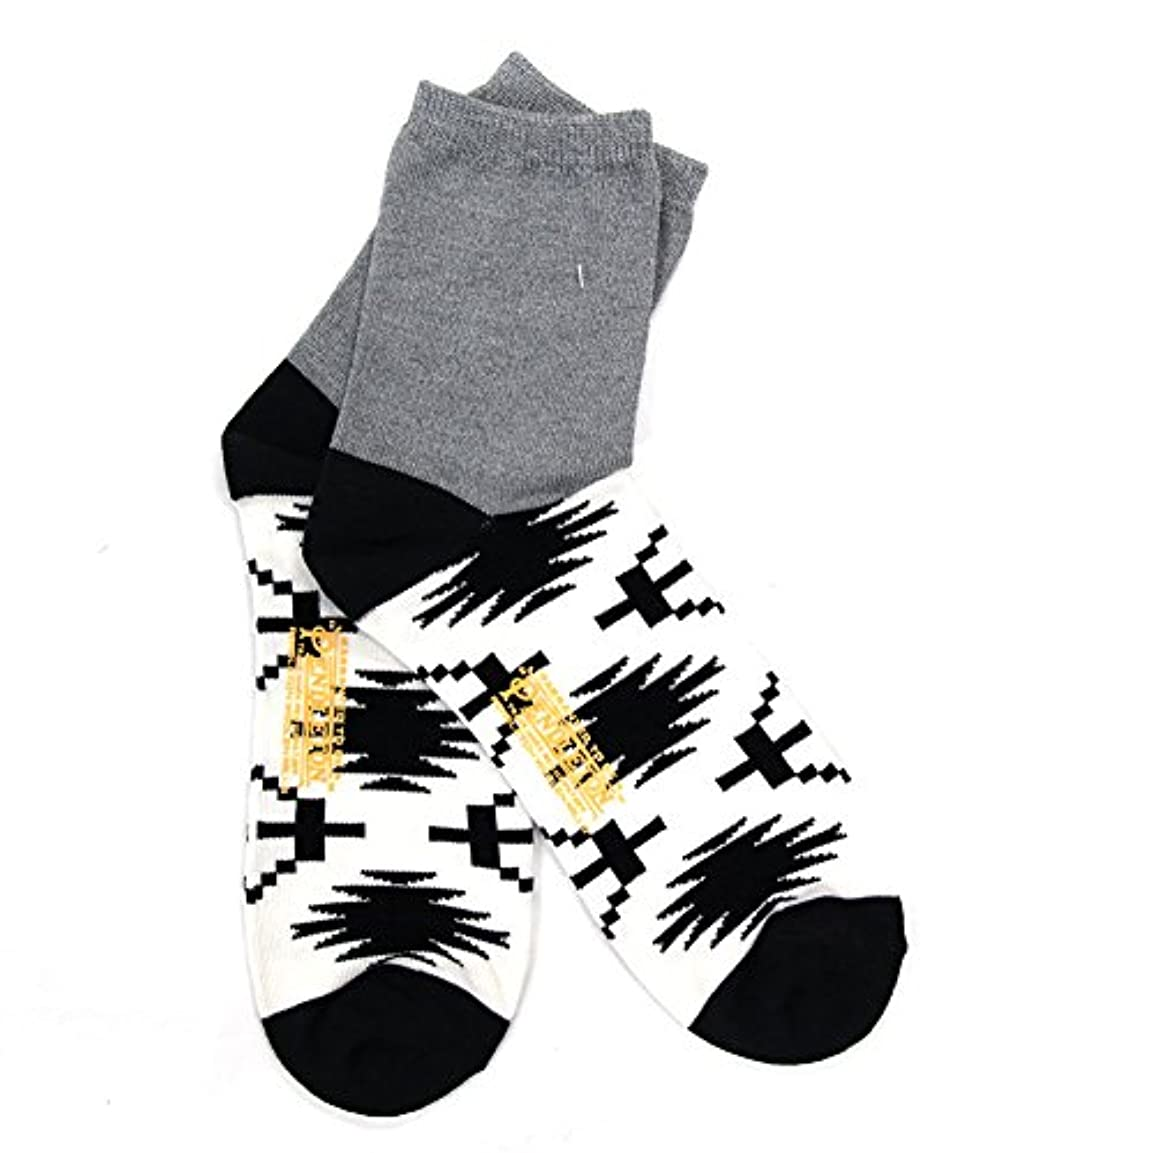 宅配便暴行信者【PENDLETON】(ペンドルトン) 2-PANEL SOCKS ソックス 靴下 メンズ ネイティブ柄 GREY